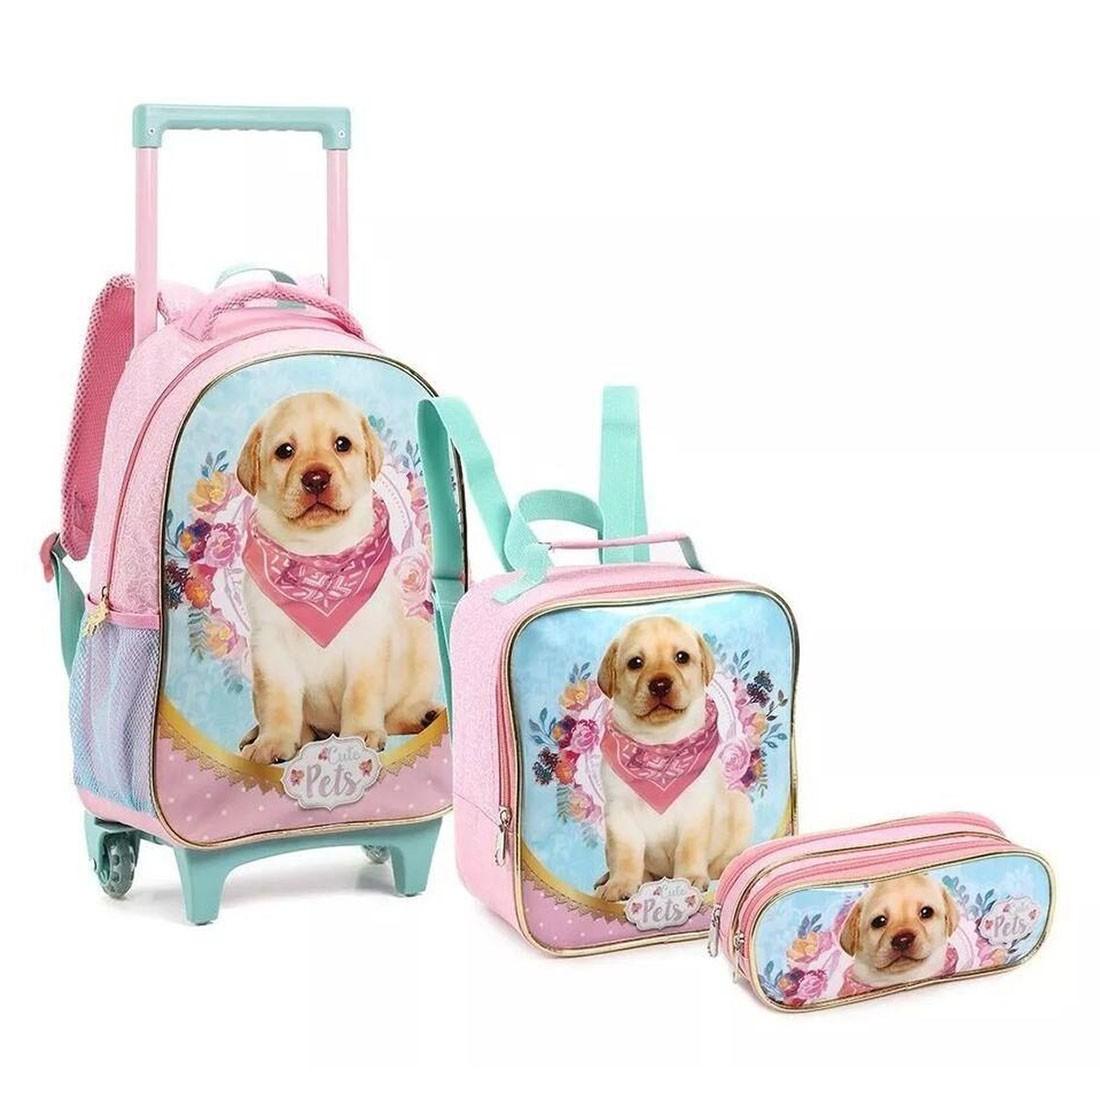 Kit Mochila Infantil com Rodinhas Cute Pets Dog com Lancheira e Estojo Duplo